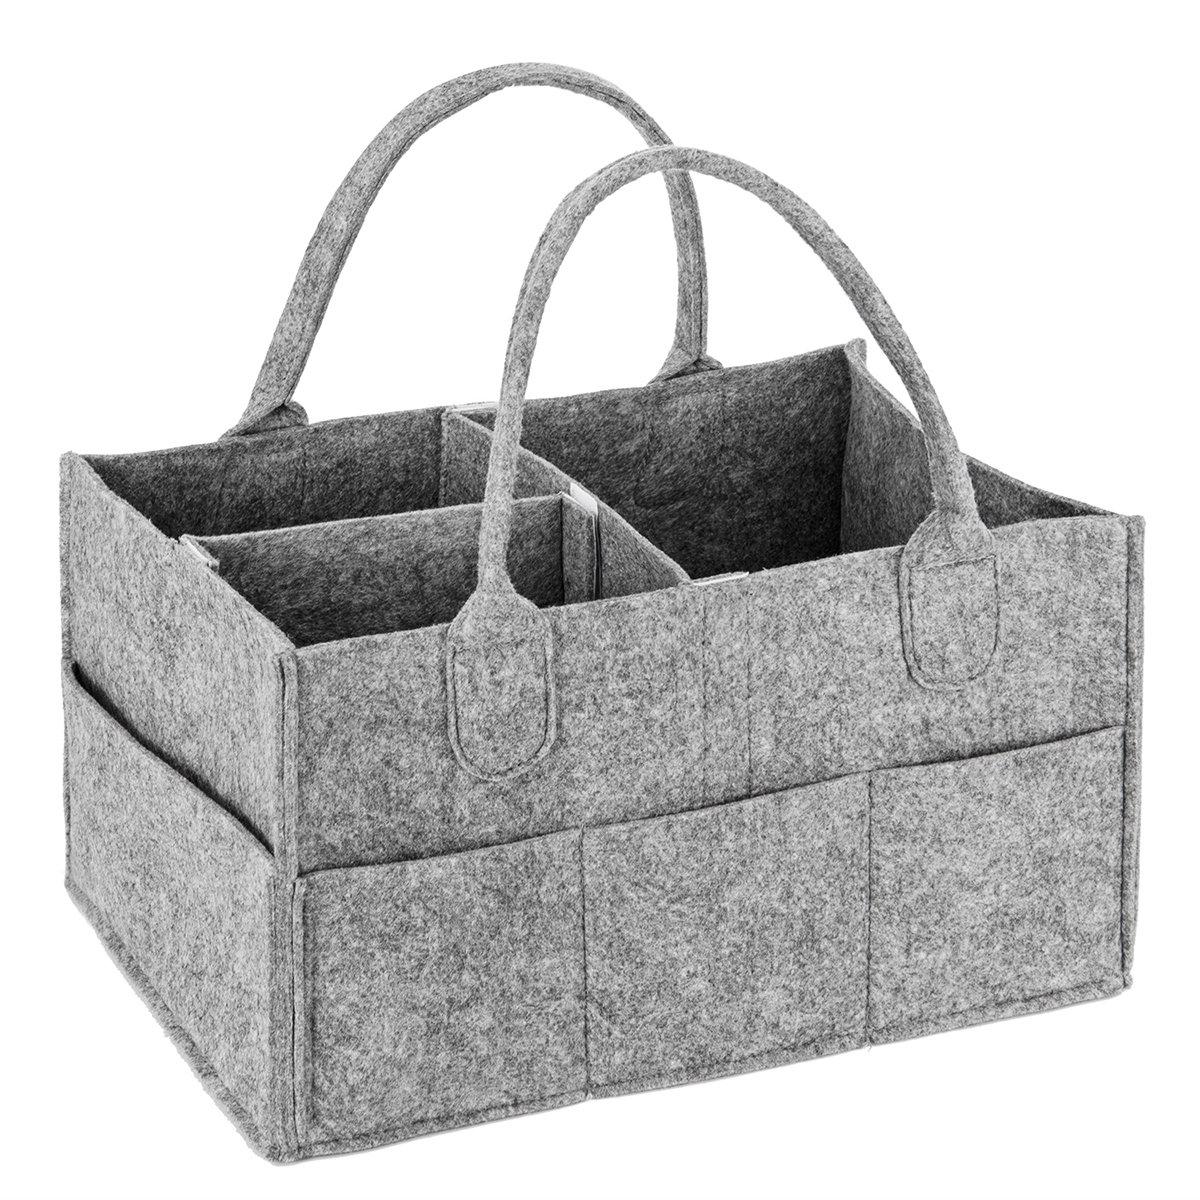 Bébé Diaper Caddy Grande Organiseur Portable pour couches Jouets et lingettes indispensables de registre de naissance–33x 22, 9x 17, 8cm par BB Hapeayou Feutre (Gris)